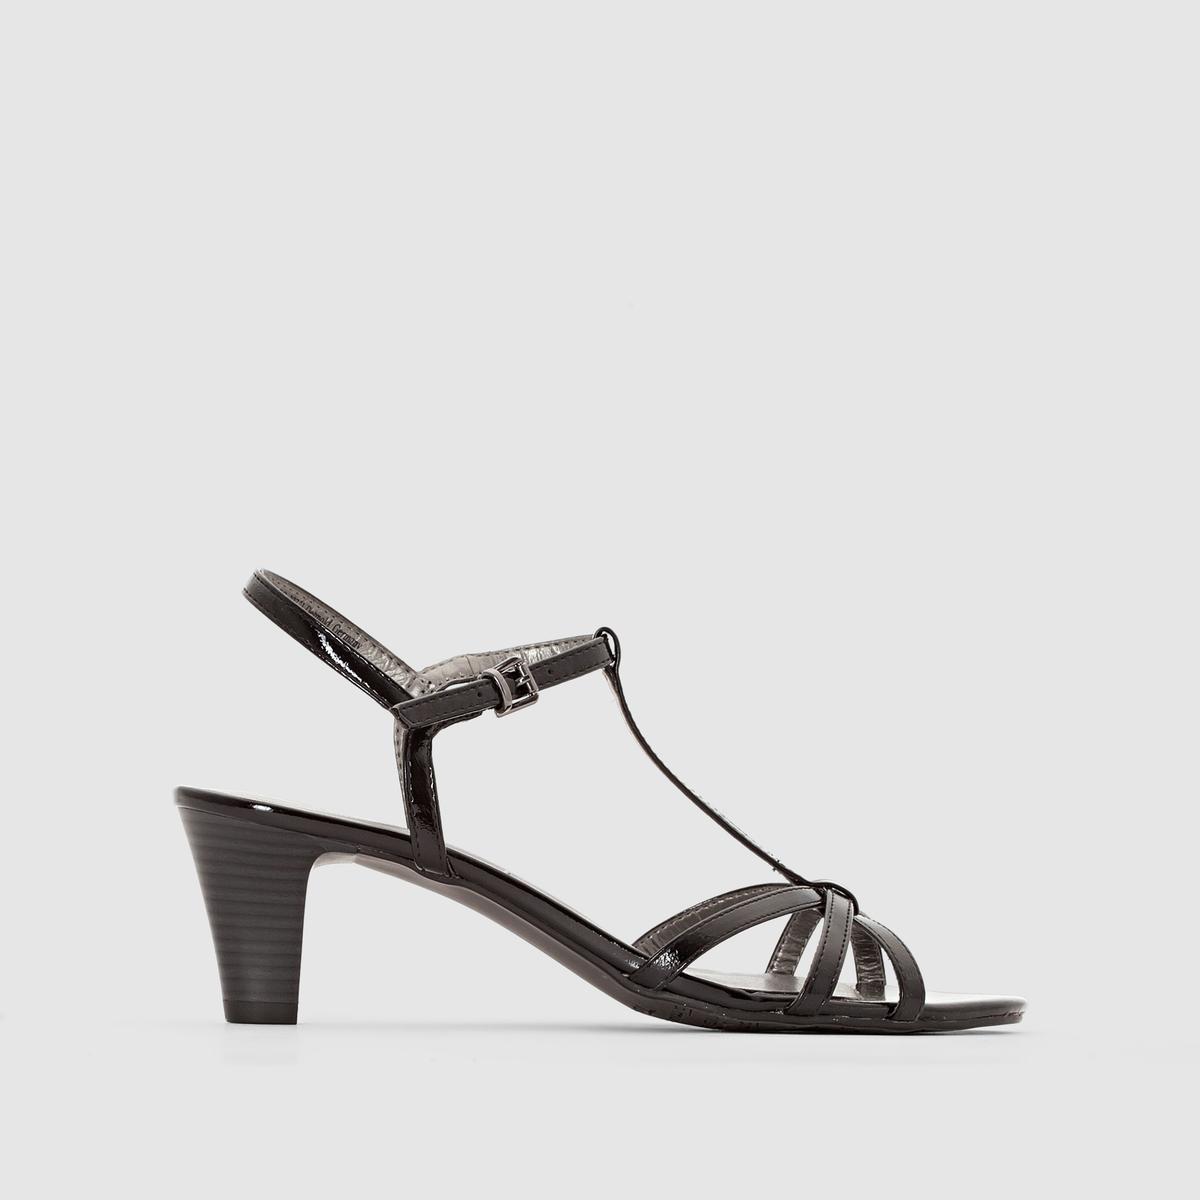 Босоножки на каблуке, лакированныеЖенственные босоножки с тонкими перекрещенными ремешками сверху  .<br><br>Цвет: черный<br>Размер: 39